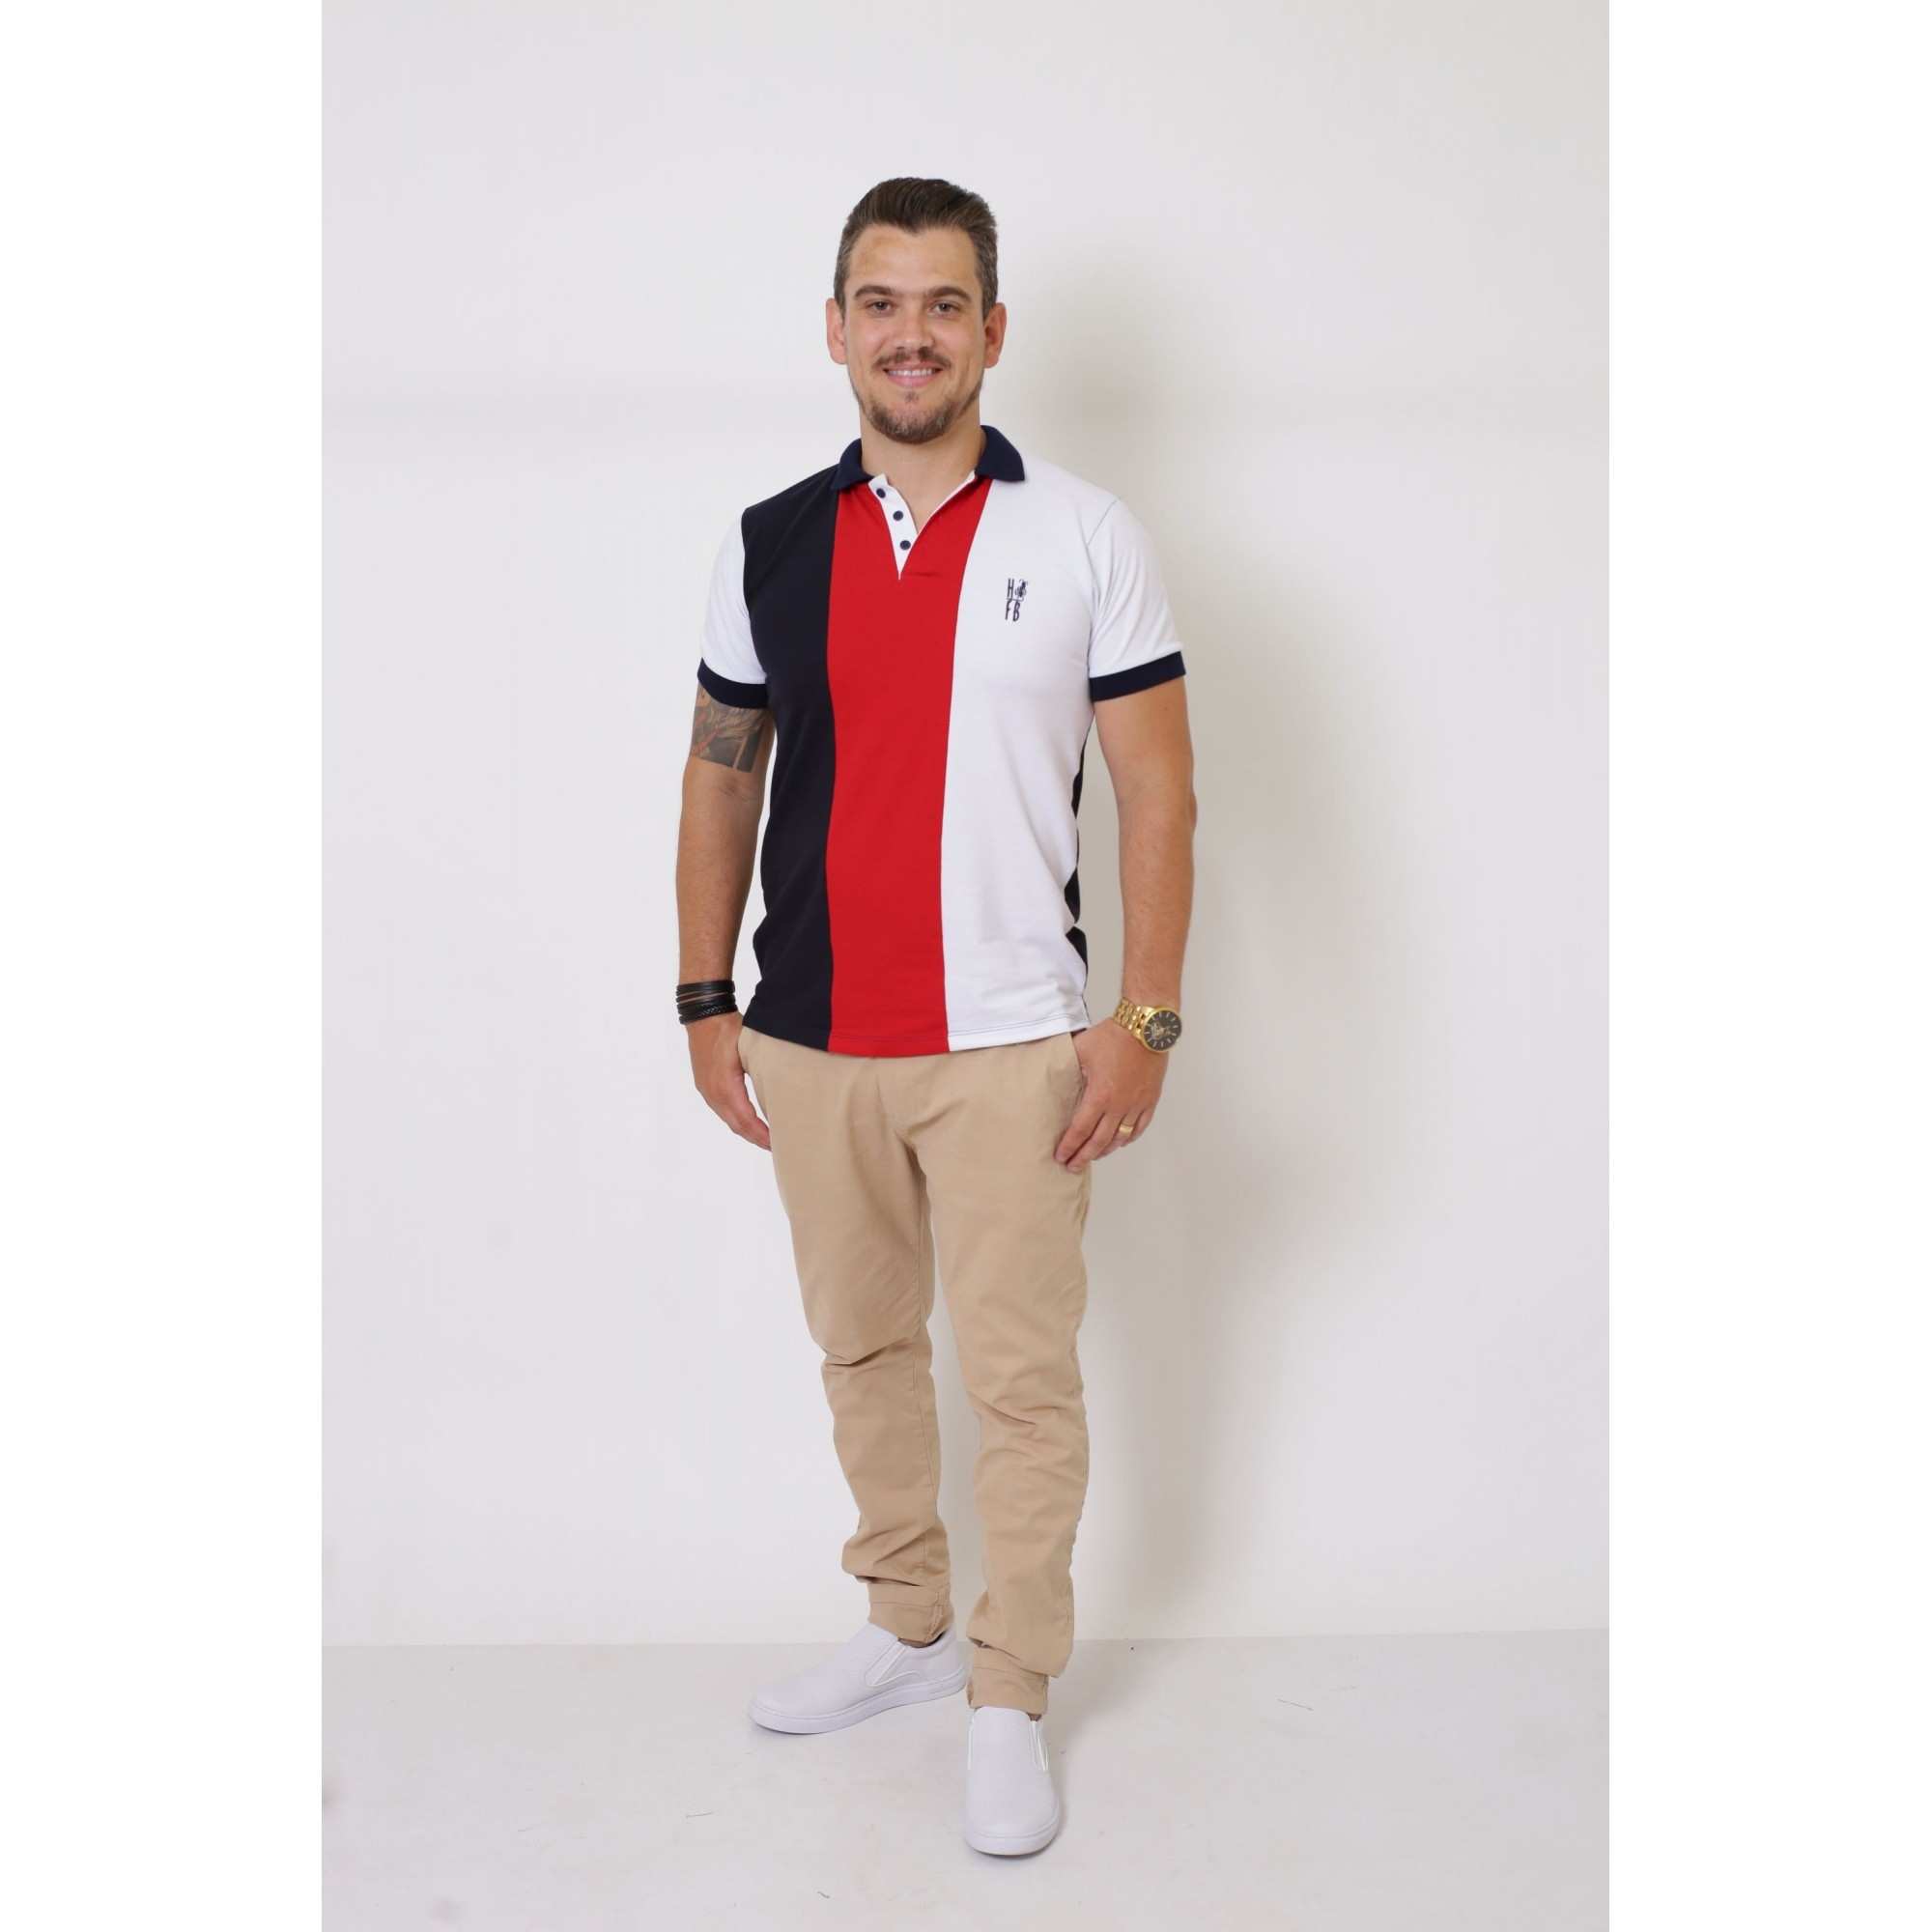 NAMORADOS > Kit 02 Peças - Camisa Polo Masculina + Feminina - Listrados King [Coleção Namorados]  - Heitor Fashion Brazil